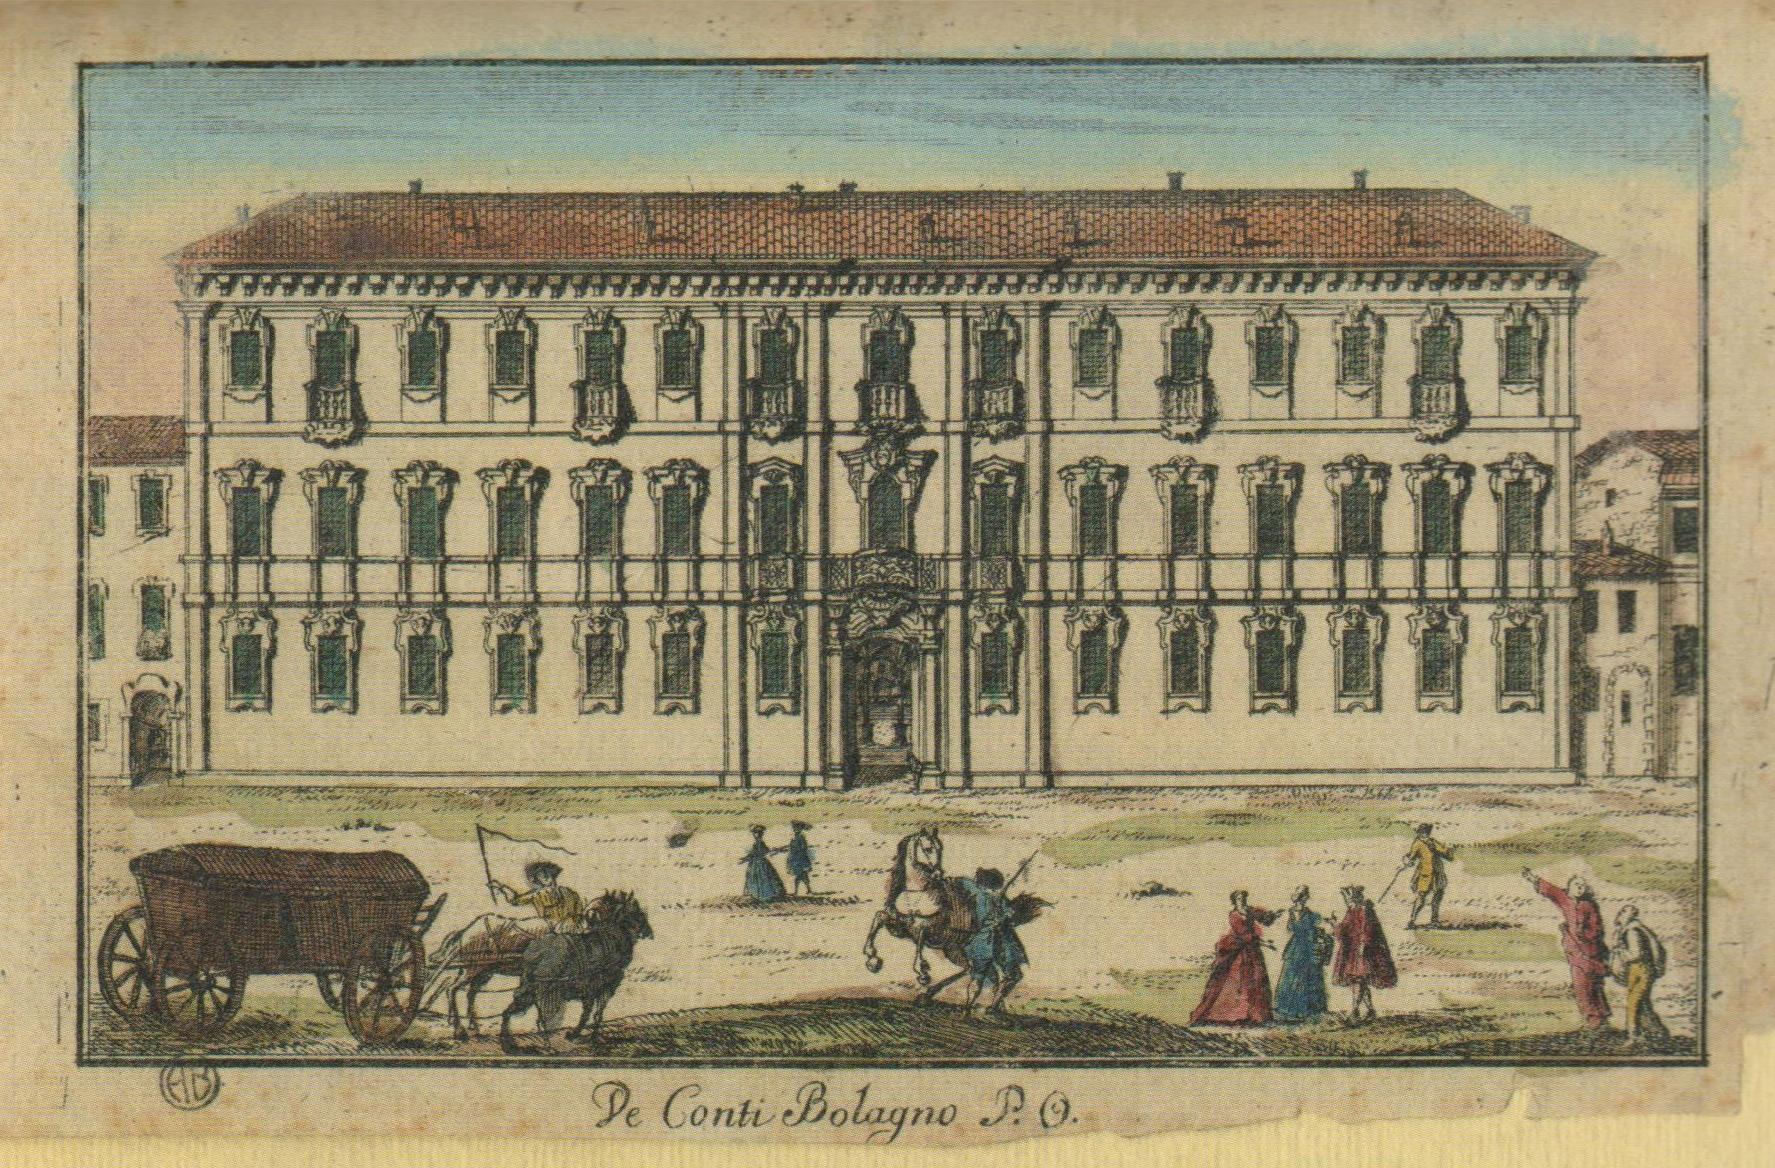 Marc'Antonio Dal Re, Palazzo Bolagnos, Archivio Storico Bertarelli, Castello Sforzesco, Milano